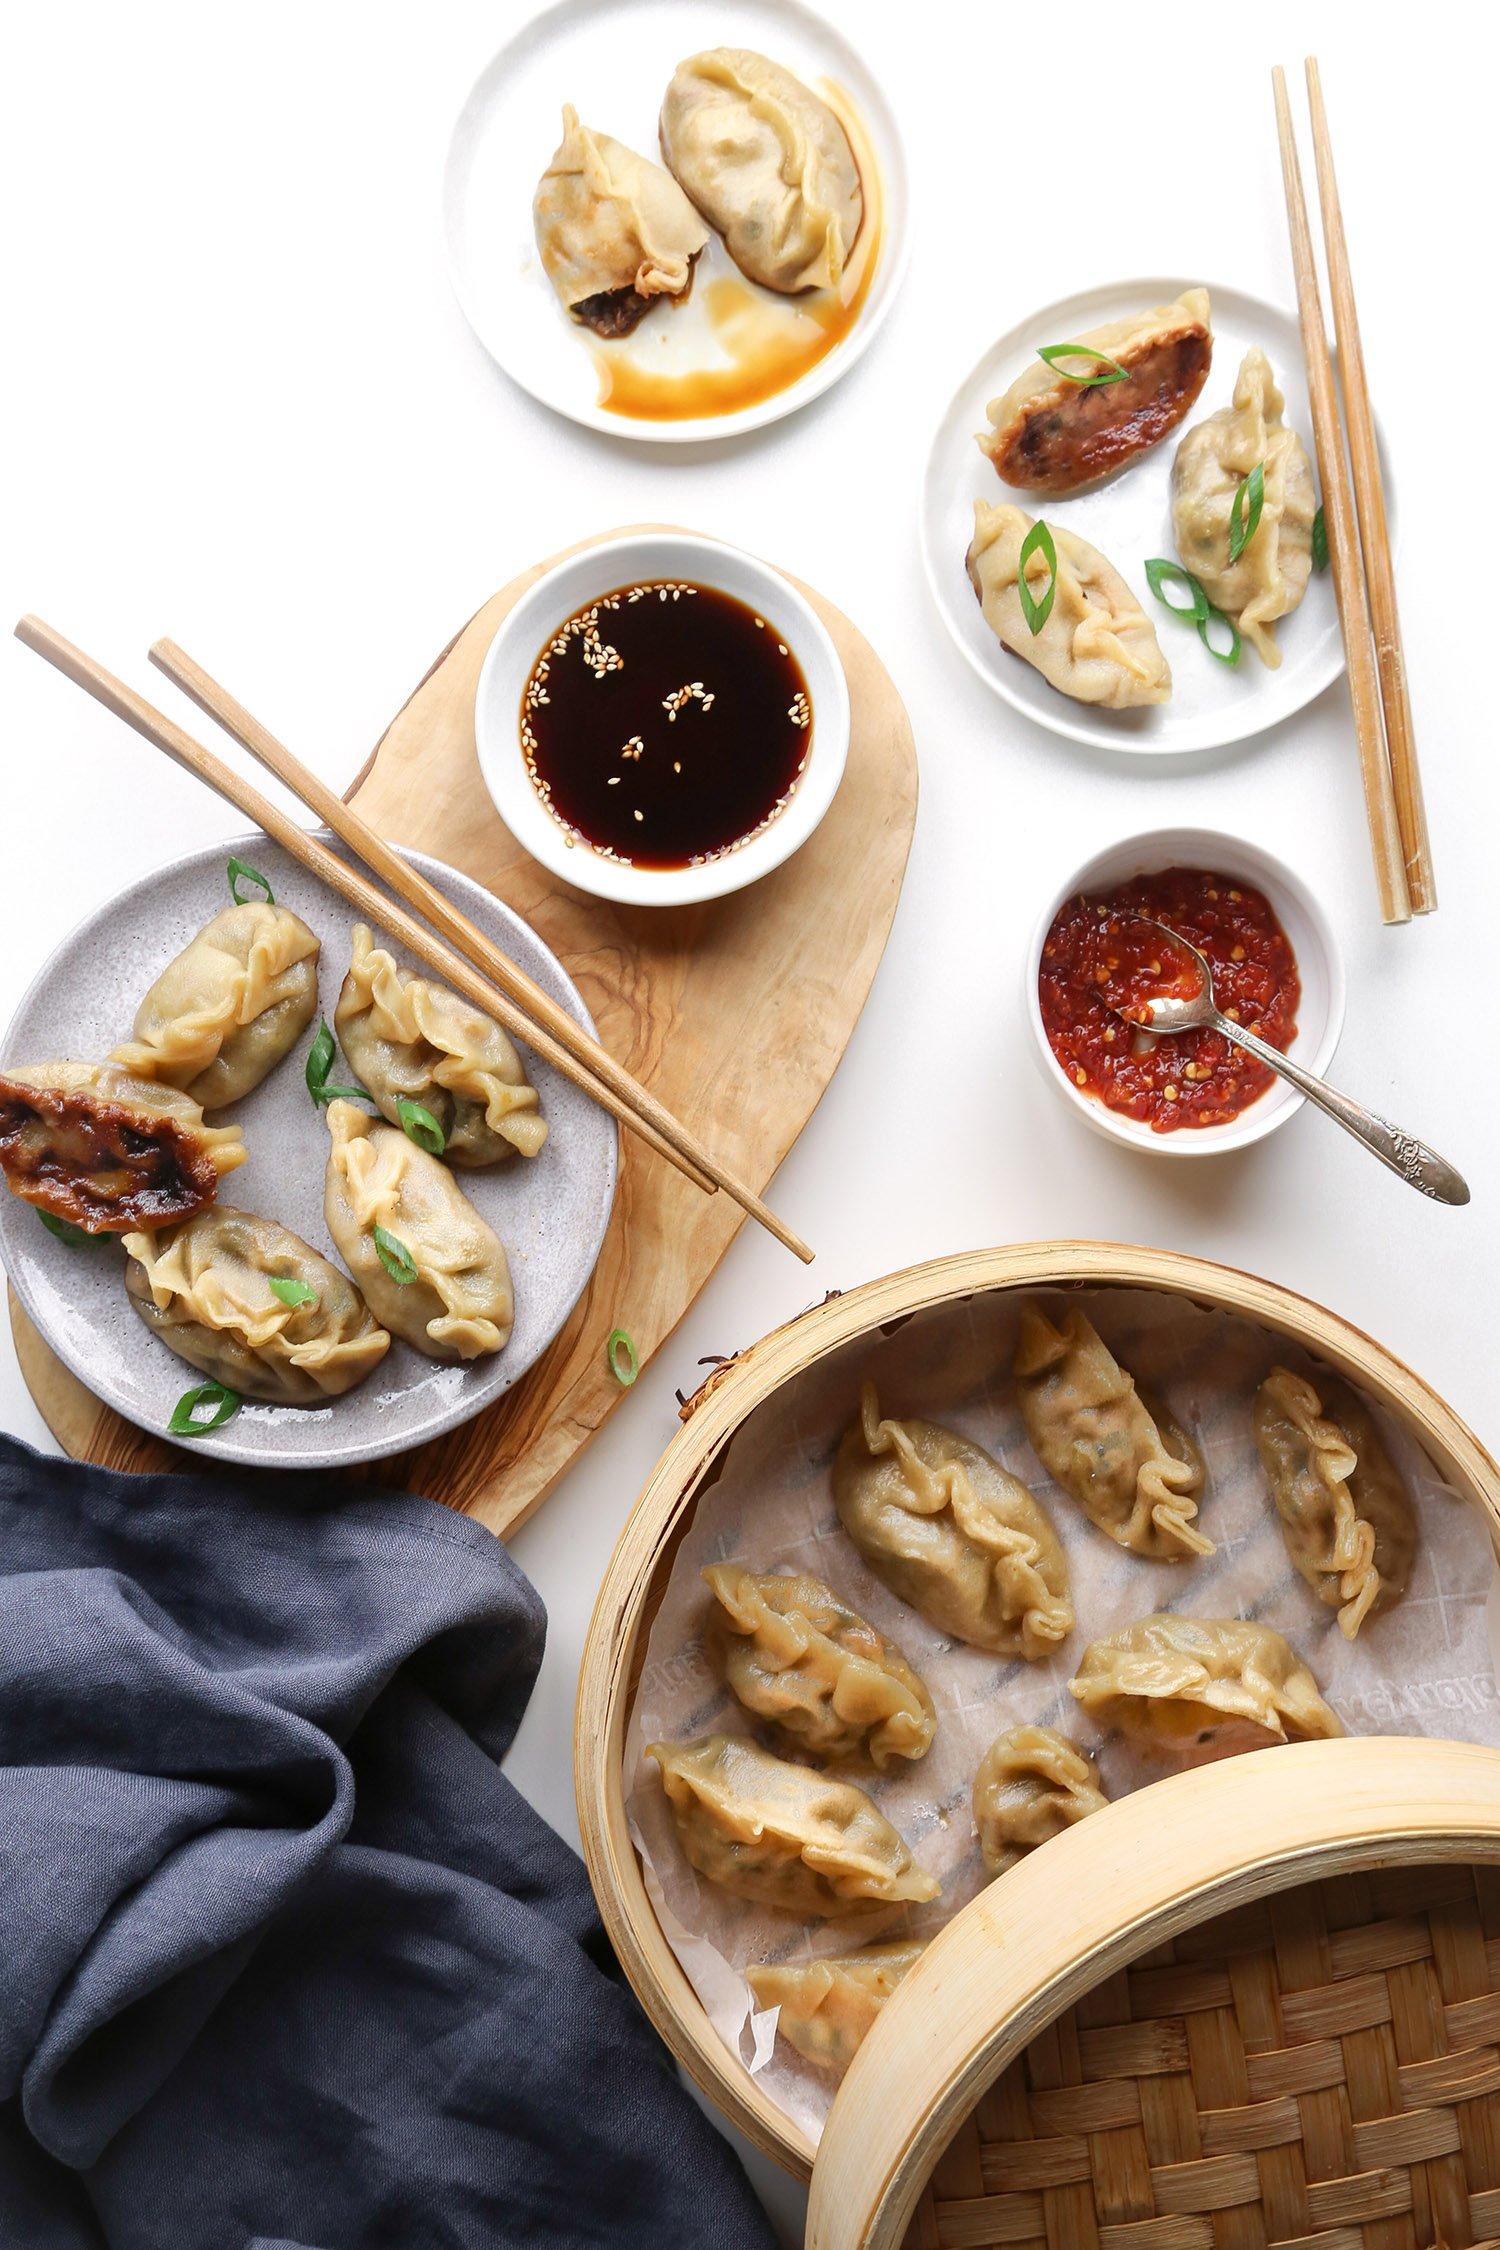 Simple Vegetable Dumplings | Vegan friendly with GF option | Wife Mama Foodie